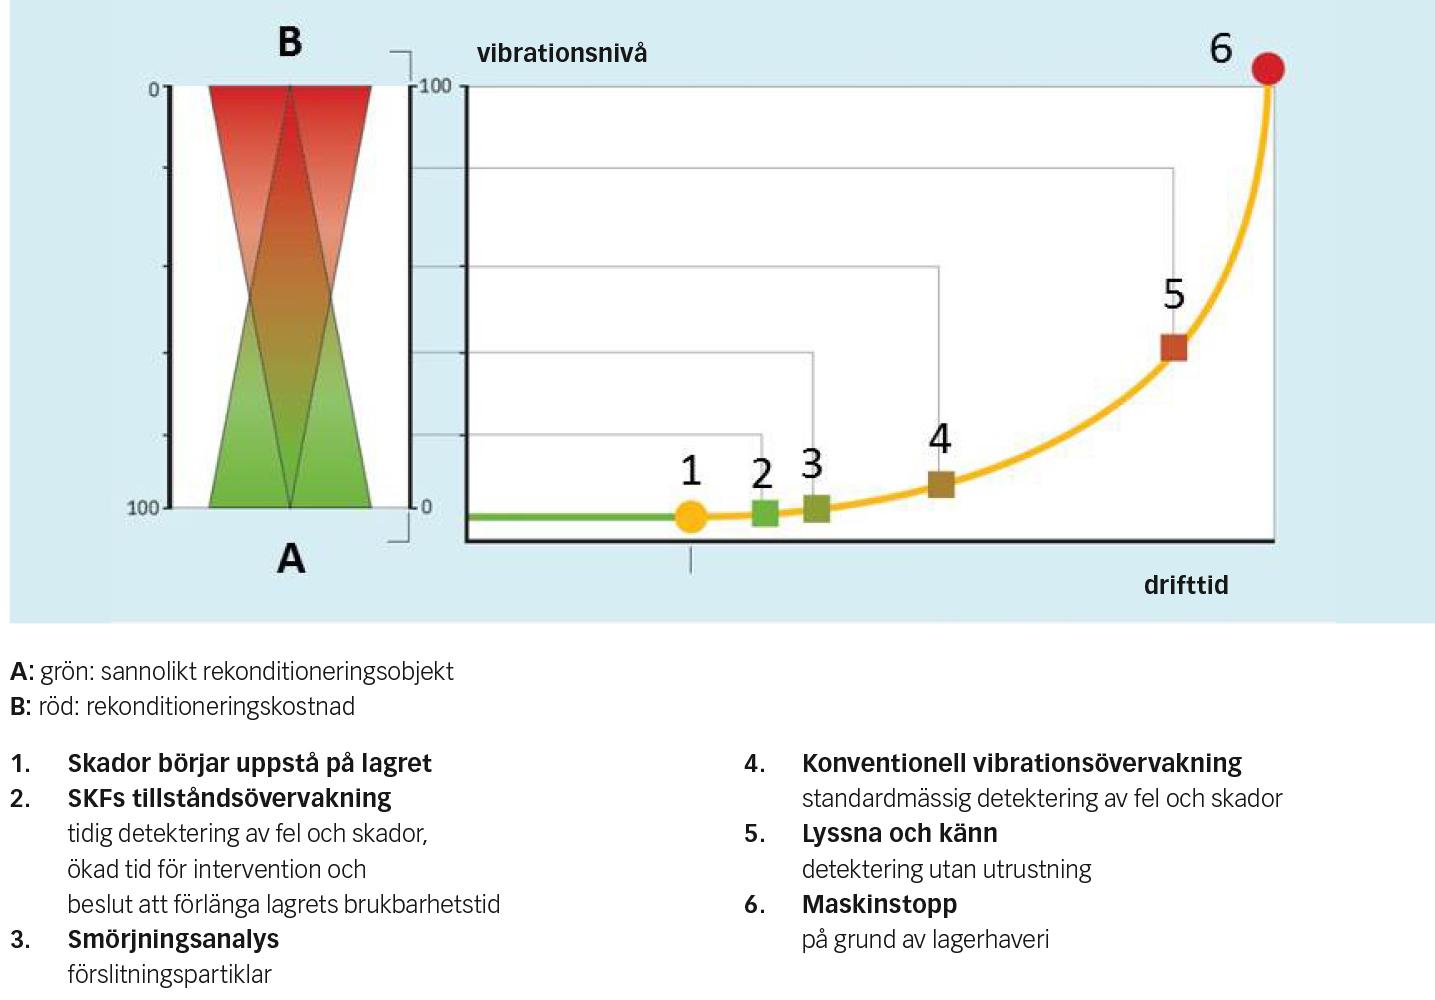 Fig. 4: Rekonditioneringskostnader – skadornas allvarlighetsgrad jämfört med rekonditioneringsbarhet.